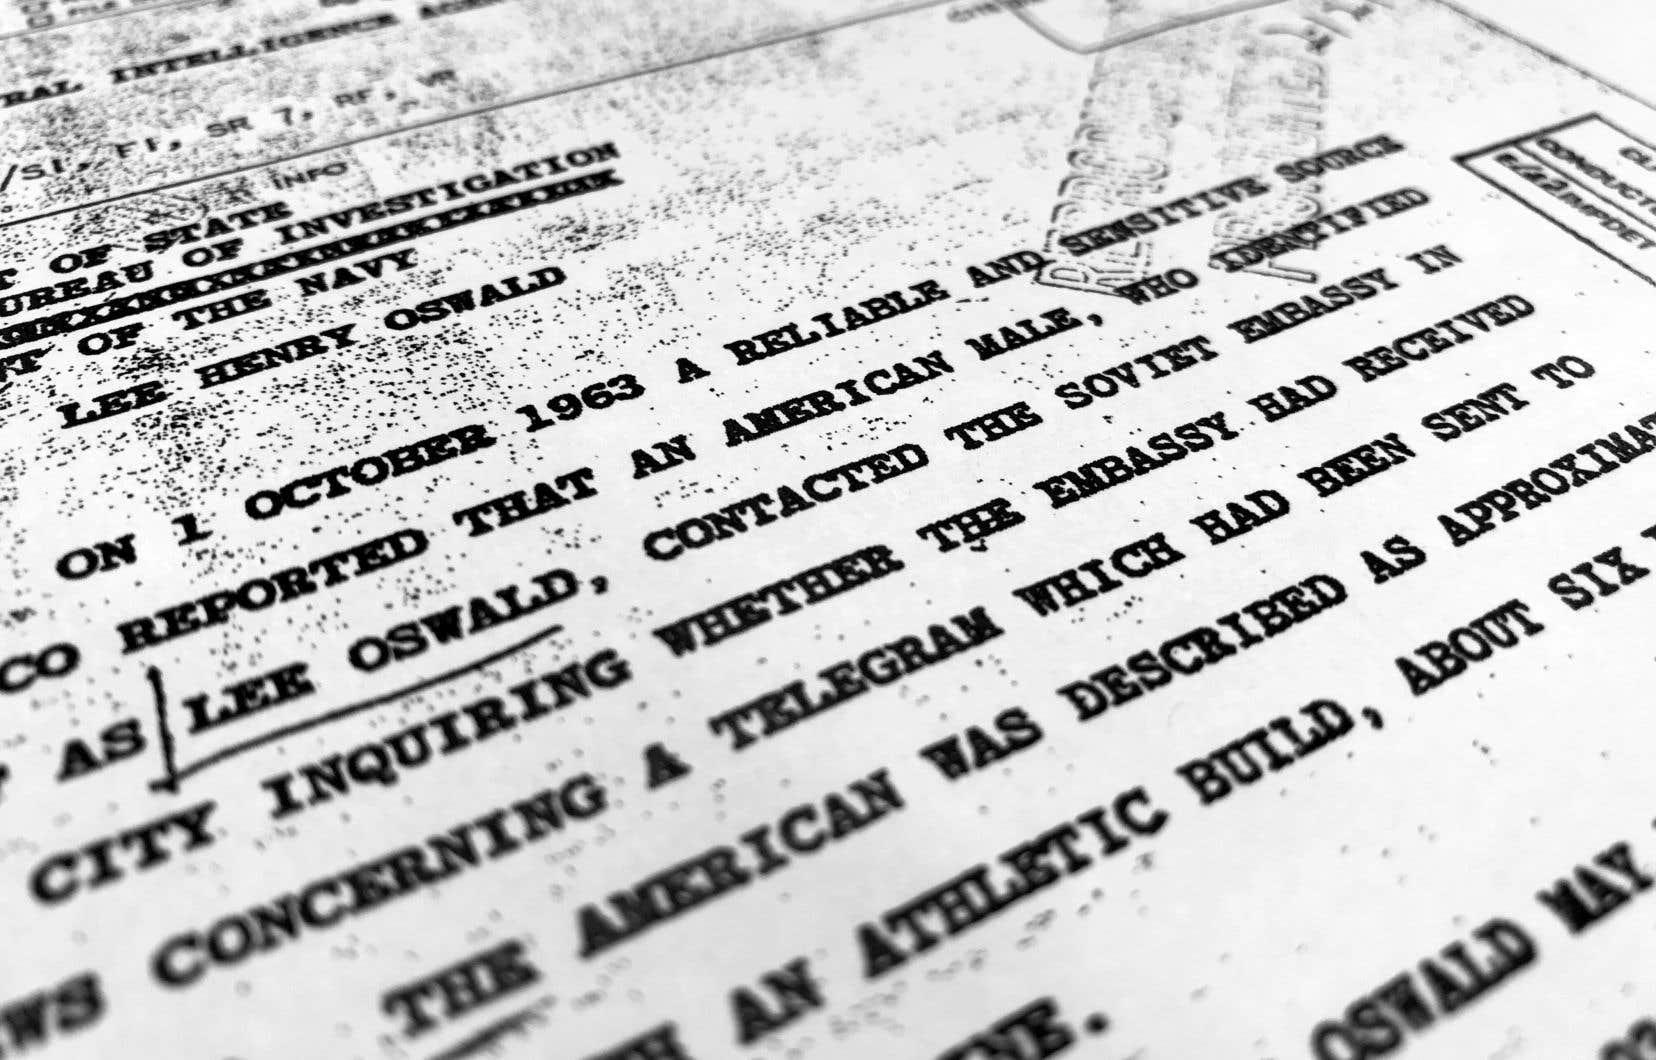 Extrait d'un rapport rédigé par la CIA en 1963 concernant la mort du président Kennedy. Il fait partie des documents divulgués vendredi par les archives nationales américaines.